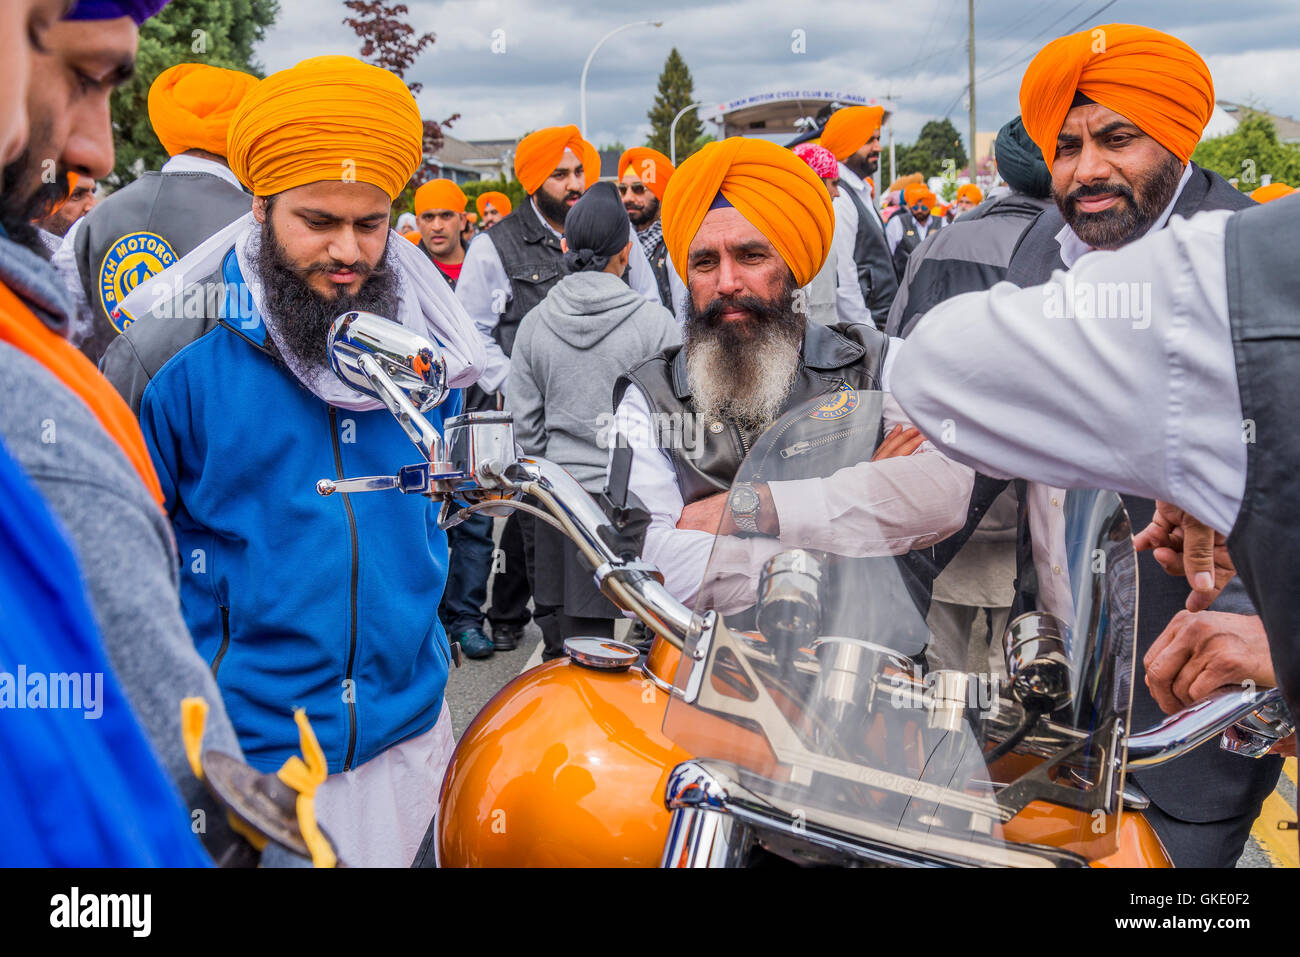 La religione sikh Moto Club, Vaisakhi parata e celebrazioni, Surrey, British Columbia, Canada, Immagini Stock